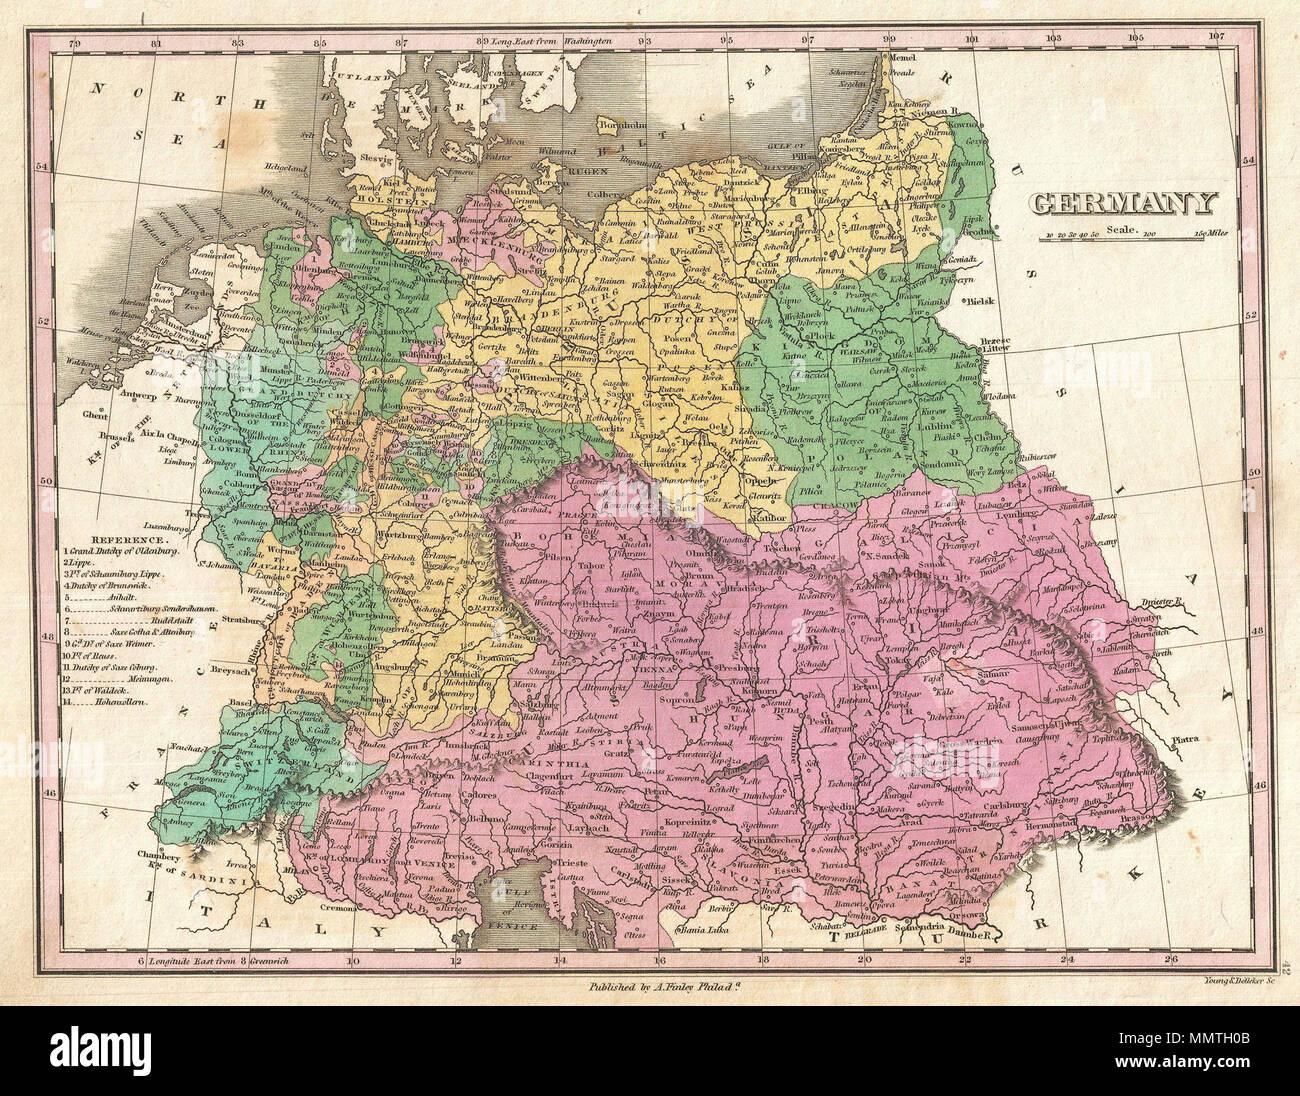 Karte Ostsee Deutschland.Englisch Ein Wunderschönes Beispiel Von Finley S Wichtige Karte